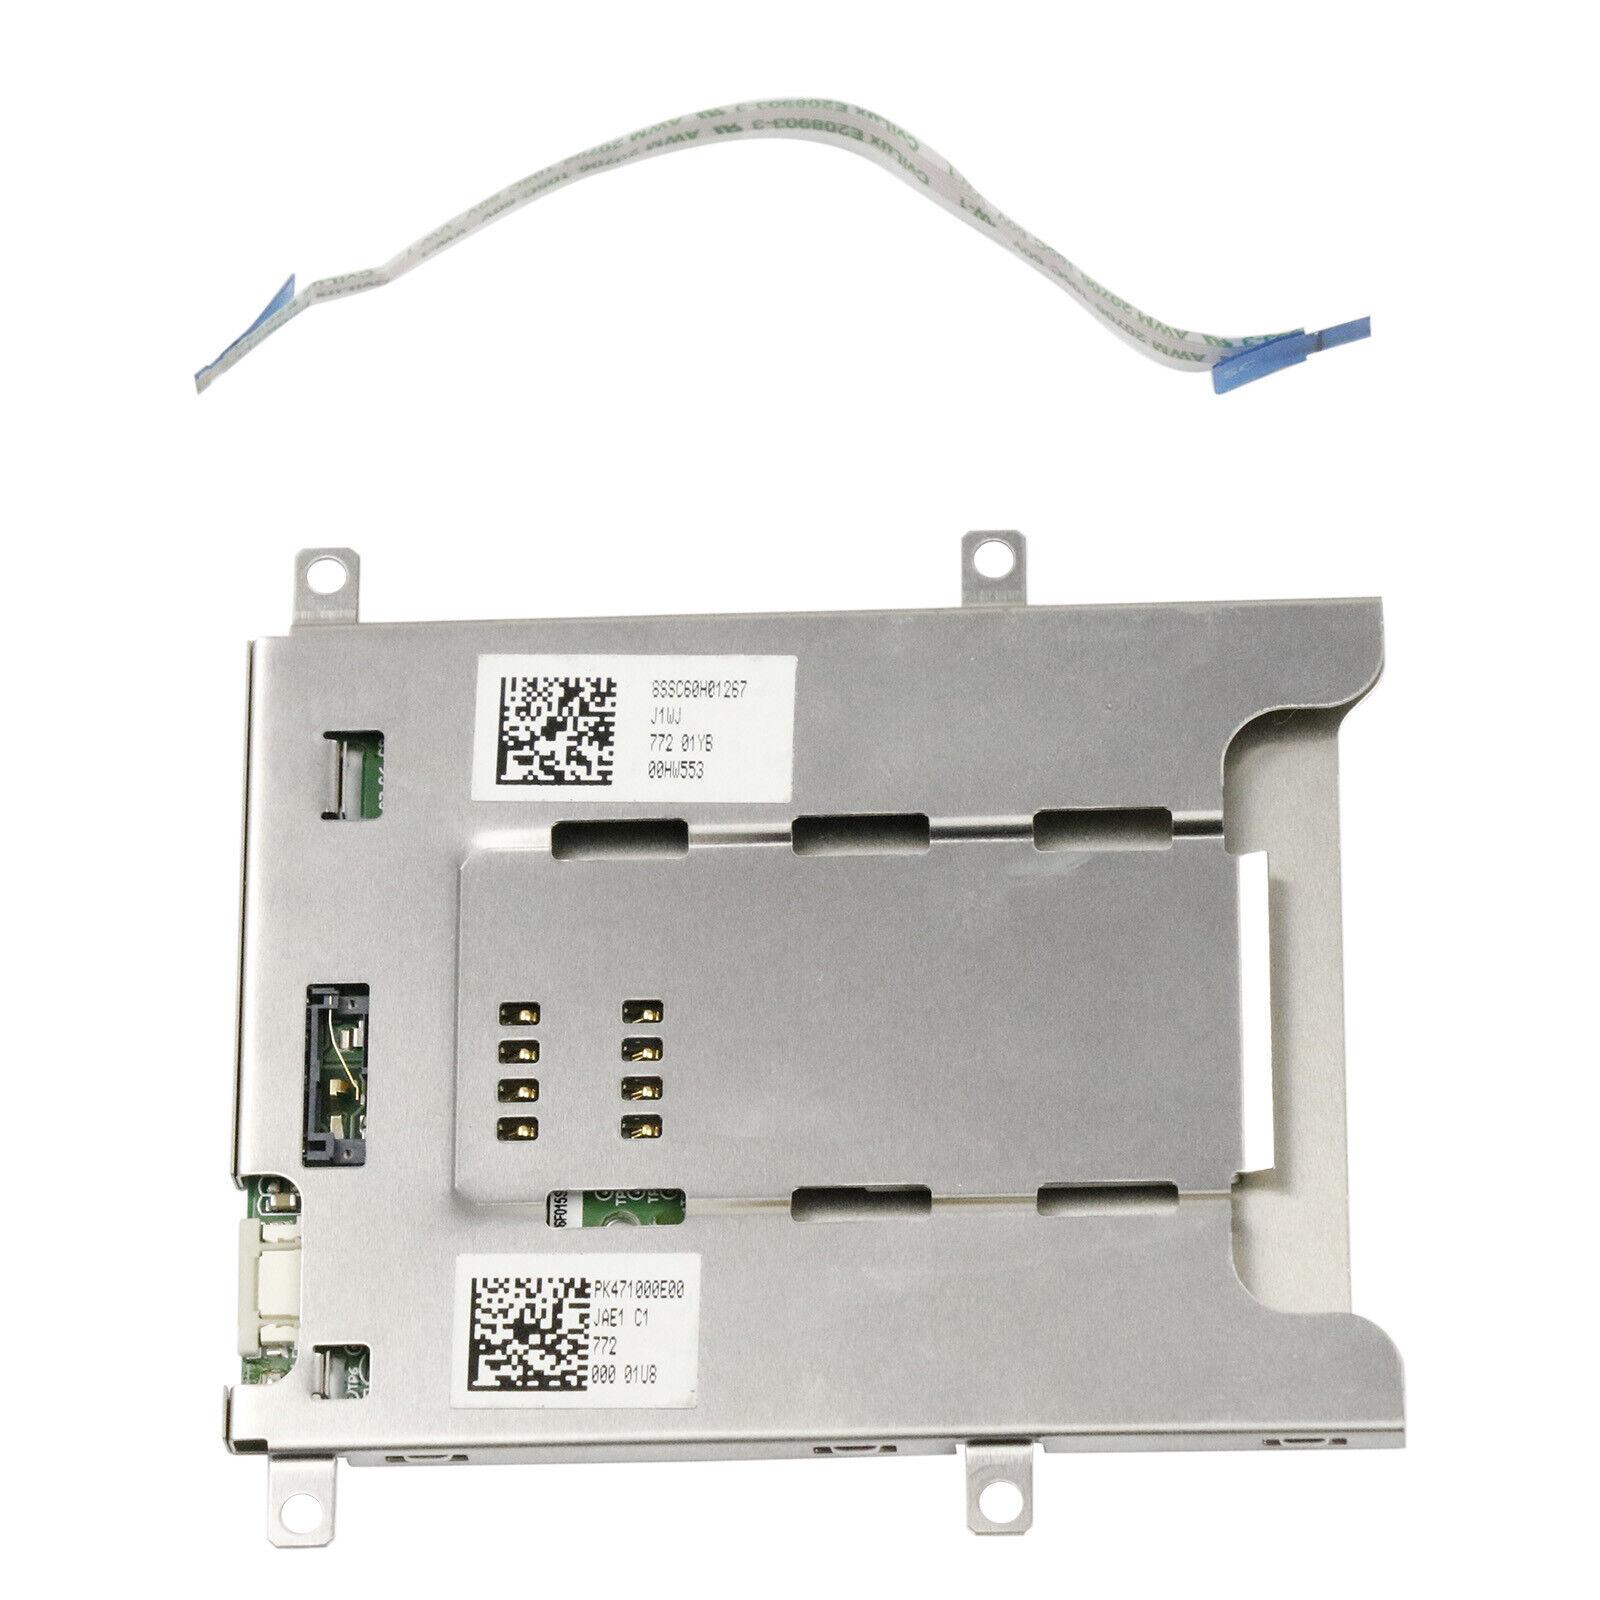 New for Lenovo Thinkpad T440 T440P T450 T450S JAE Smart Card Reader 00HW553